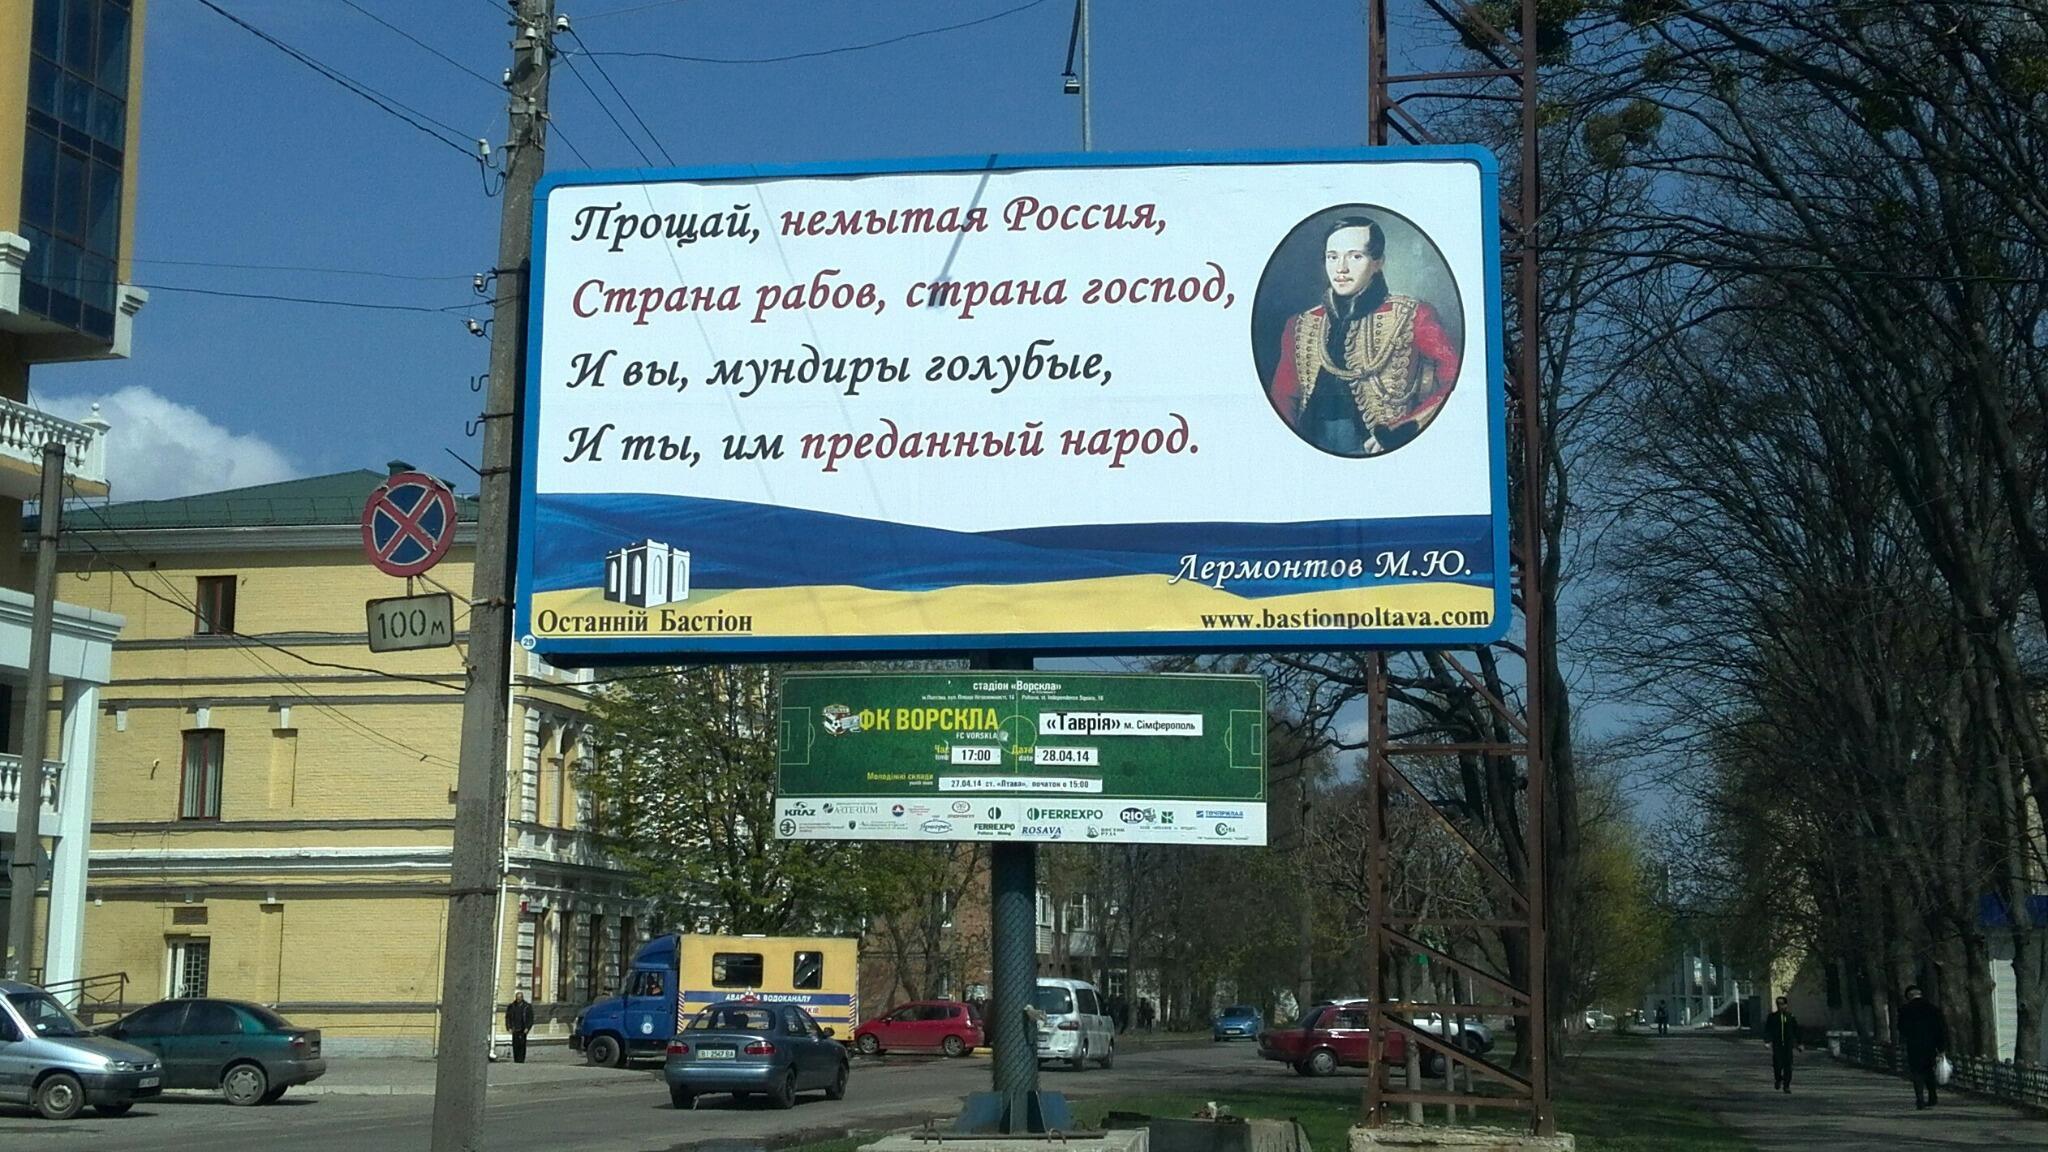 Депутат Госдумы, не поддержавший аннексию Крыма, подвергается преследованию - Цензор.НЕТ 3553